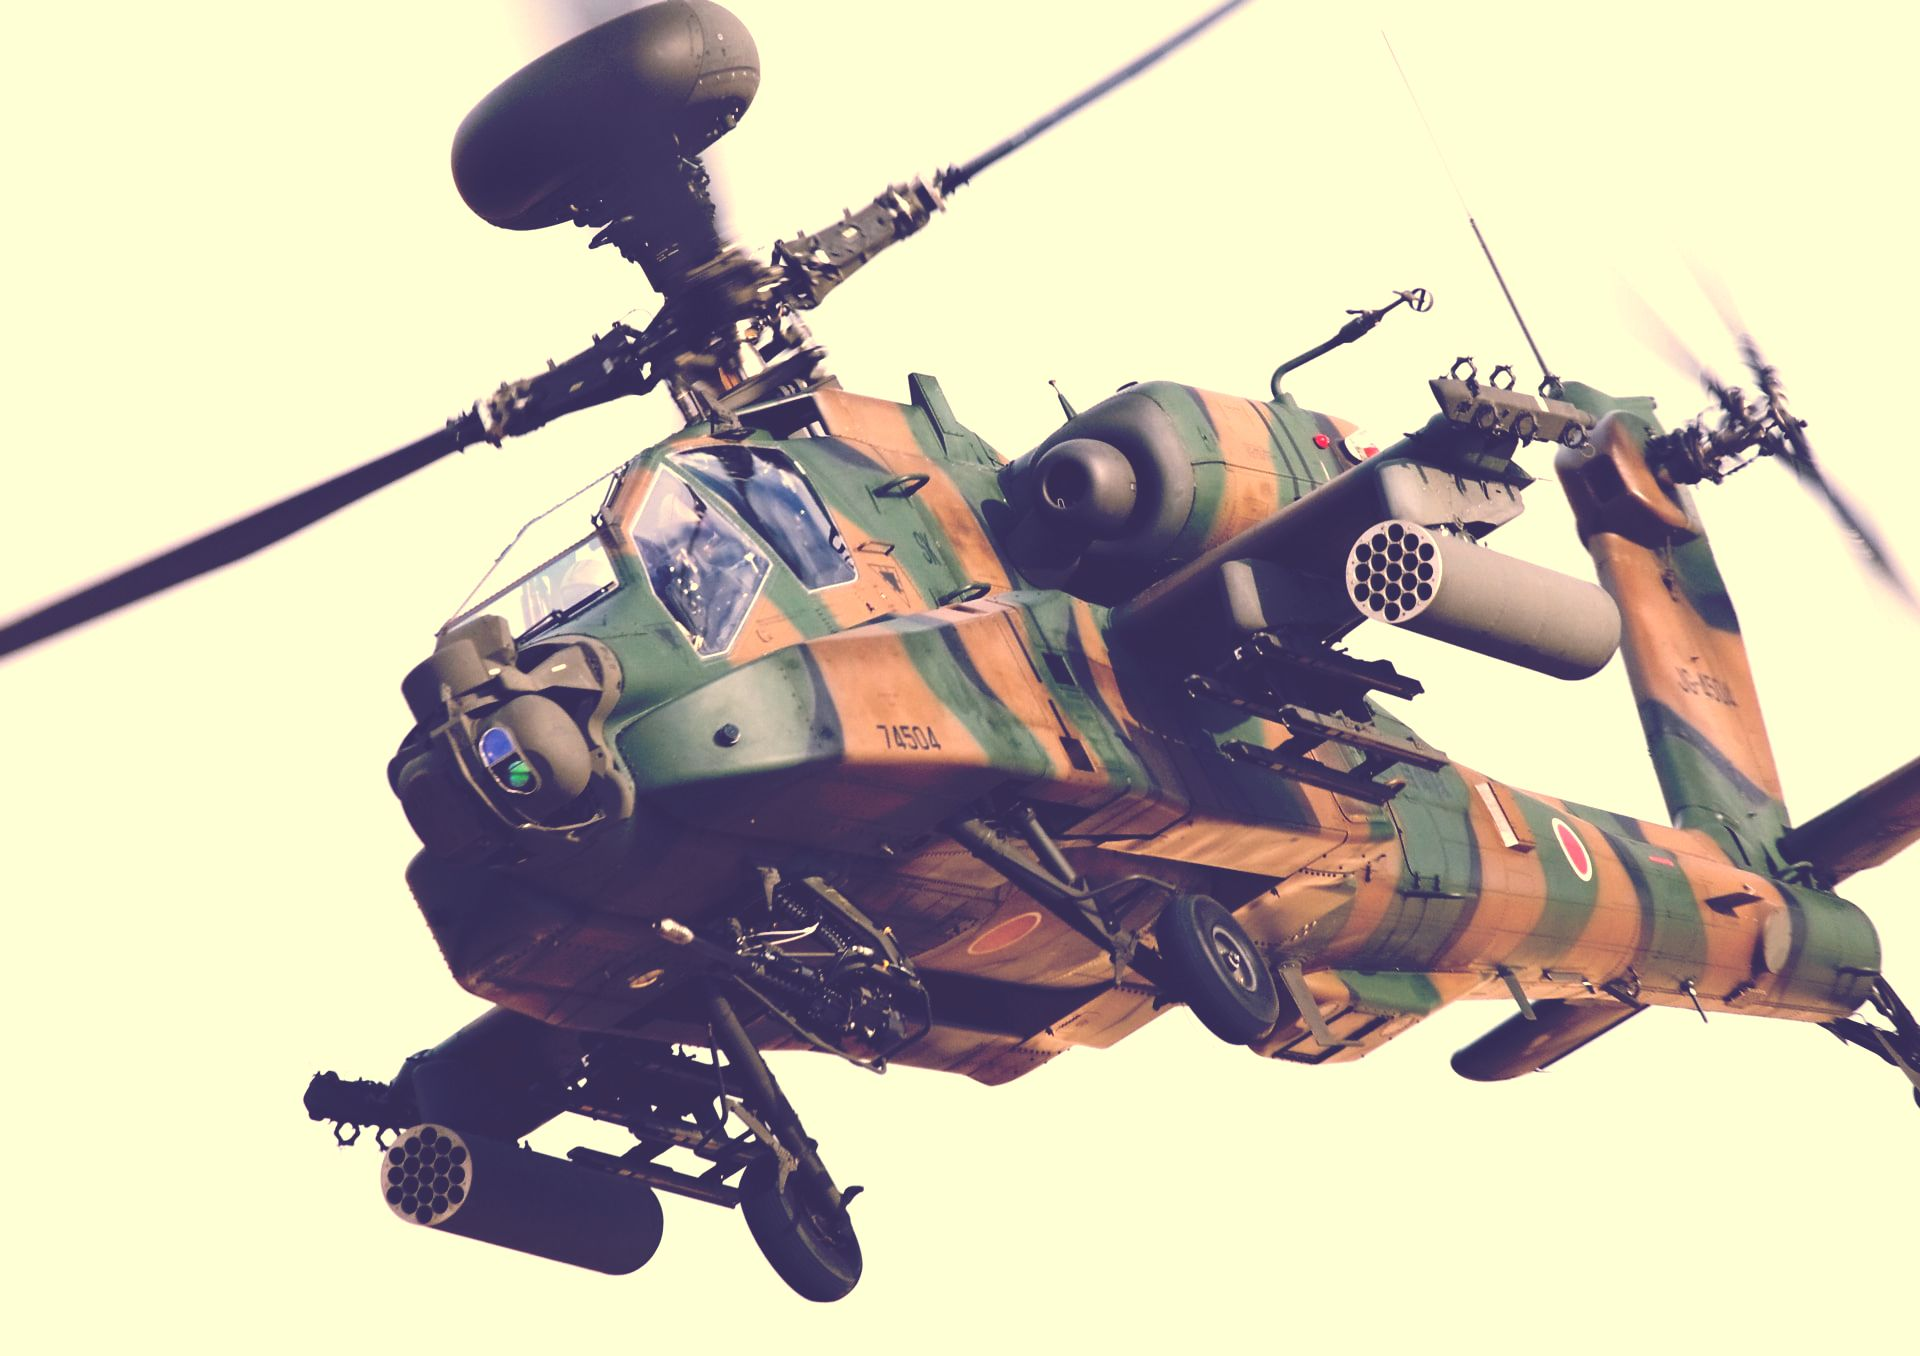 ヘリコプター 免許 費用